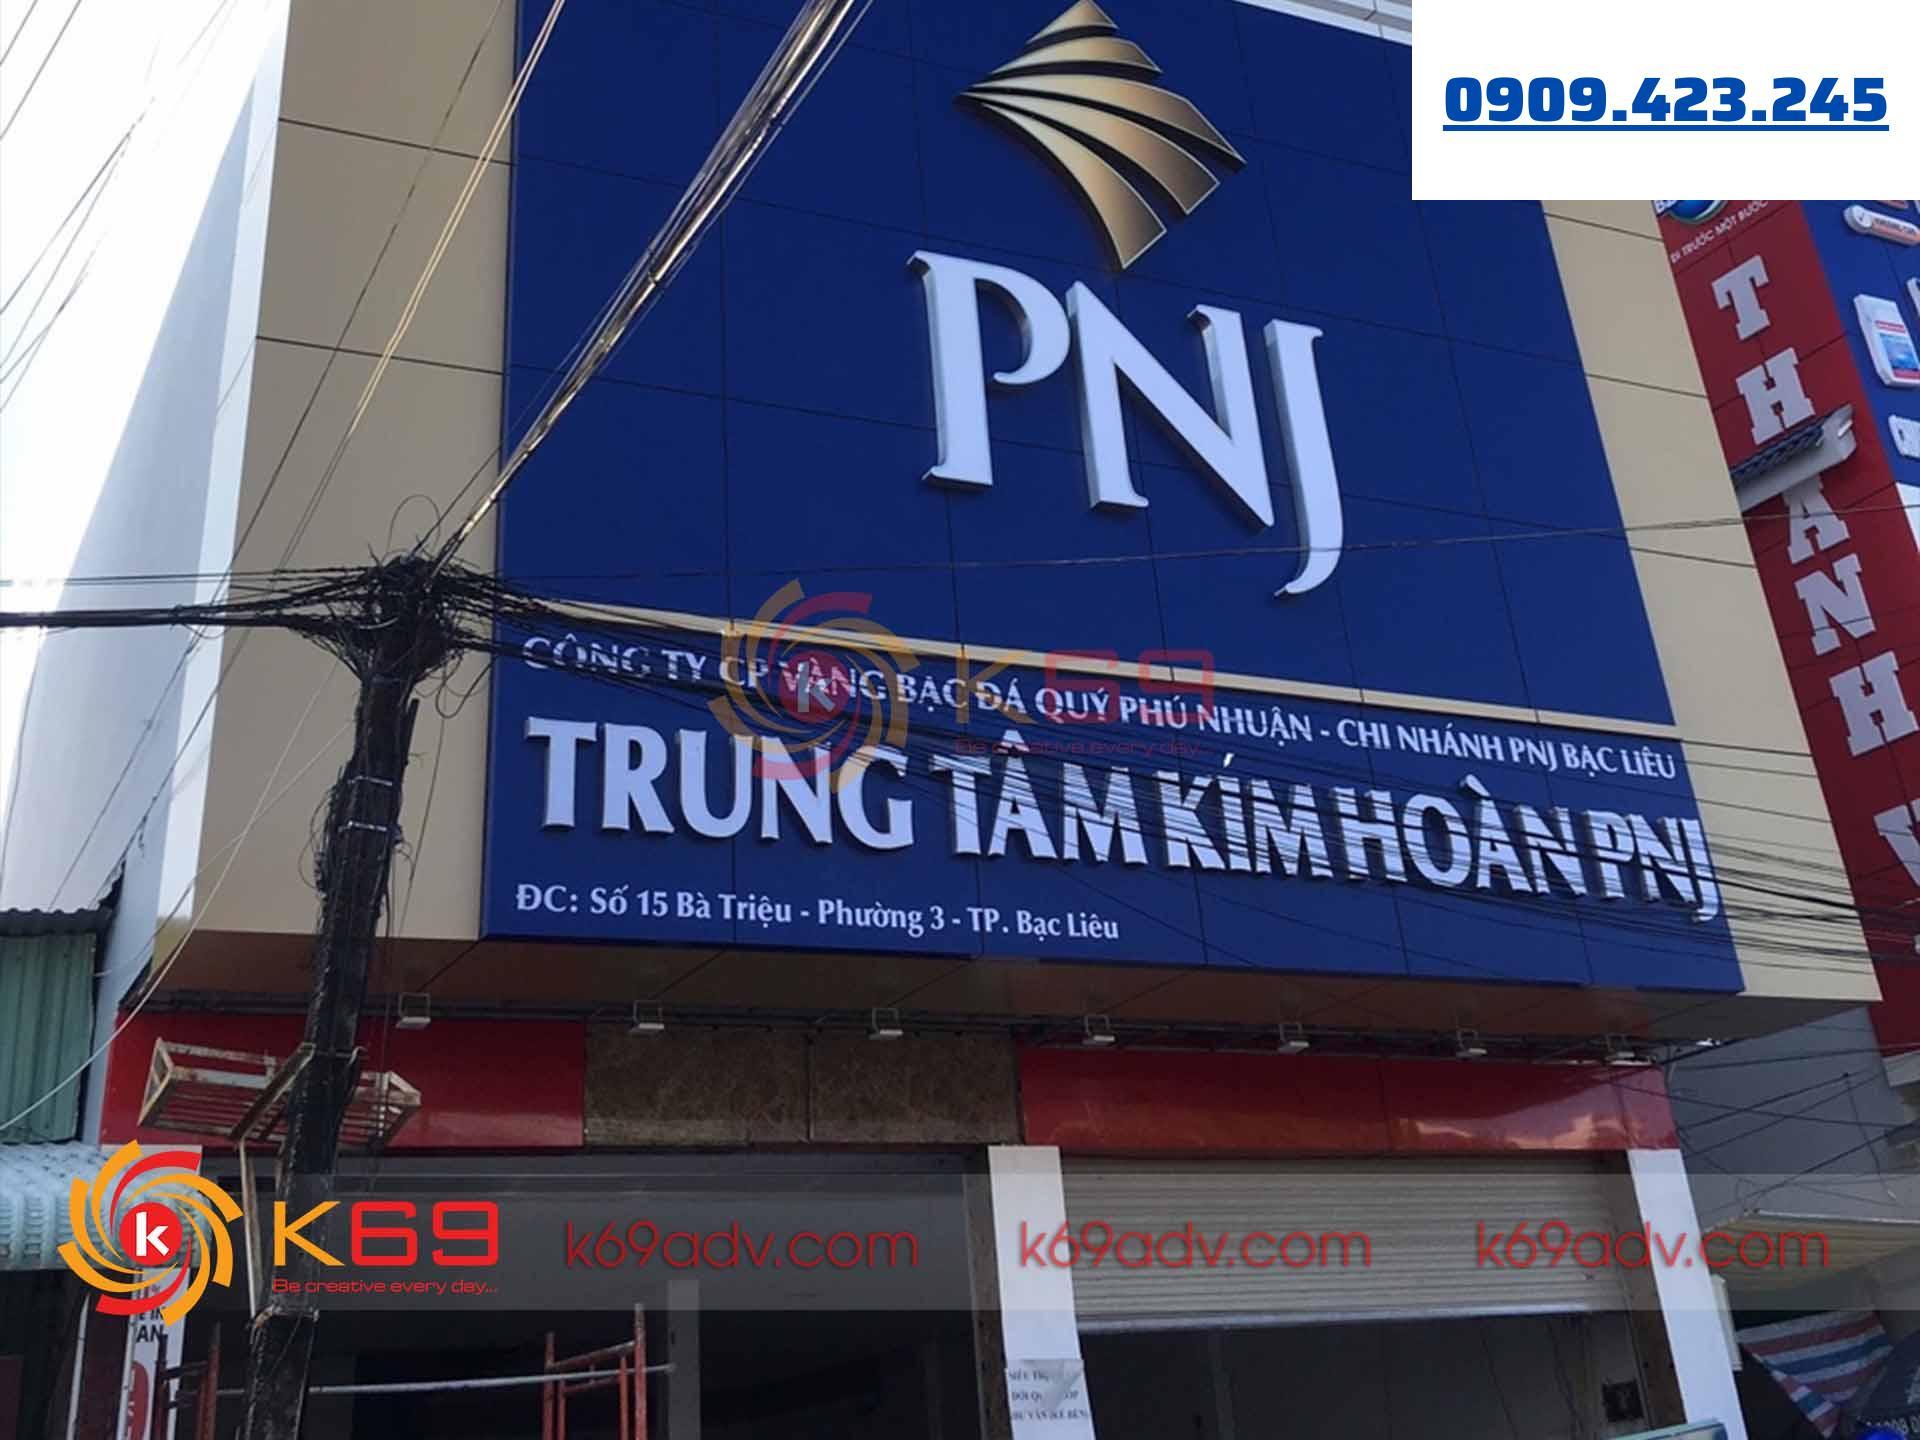 Làm bảng hiệu quảng cáo trung tâm trang sức đá quý PNJ